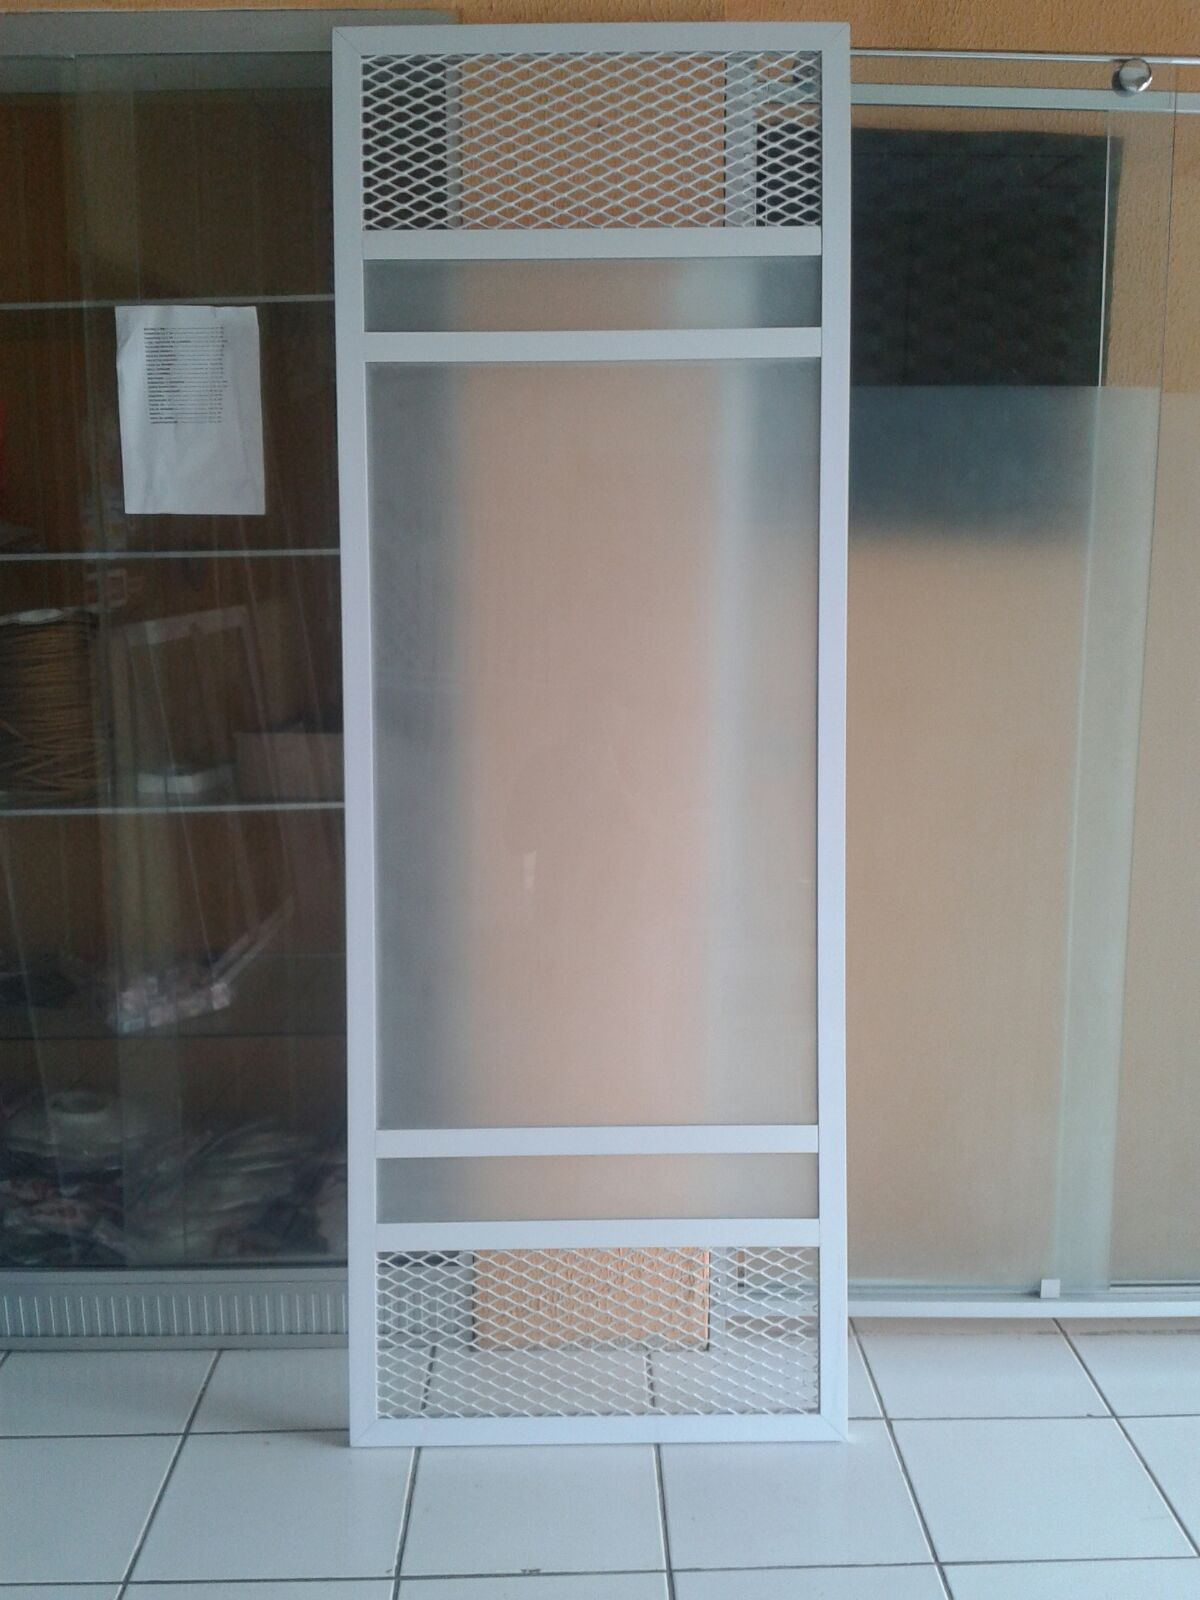 #806649 porta de alumínio branco com tela galvanizada sacada de vidro 1472 Tela Mosquiteiro Para Janela De Aluminio